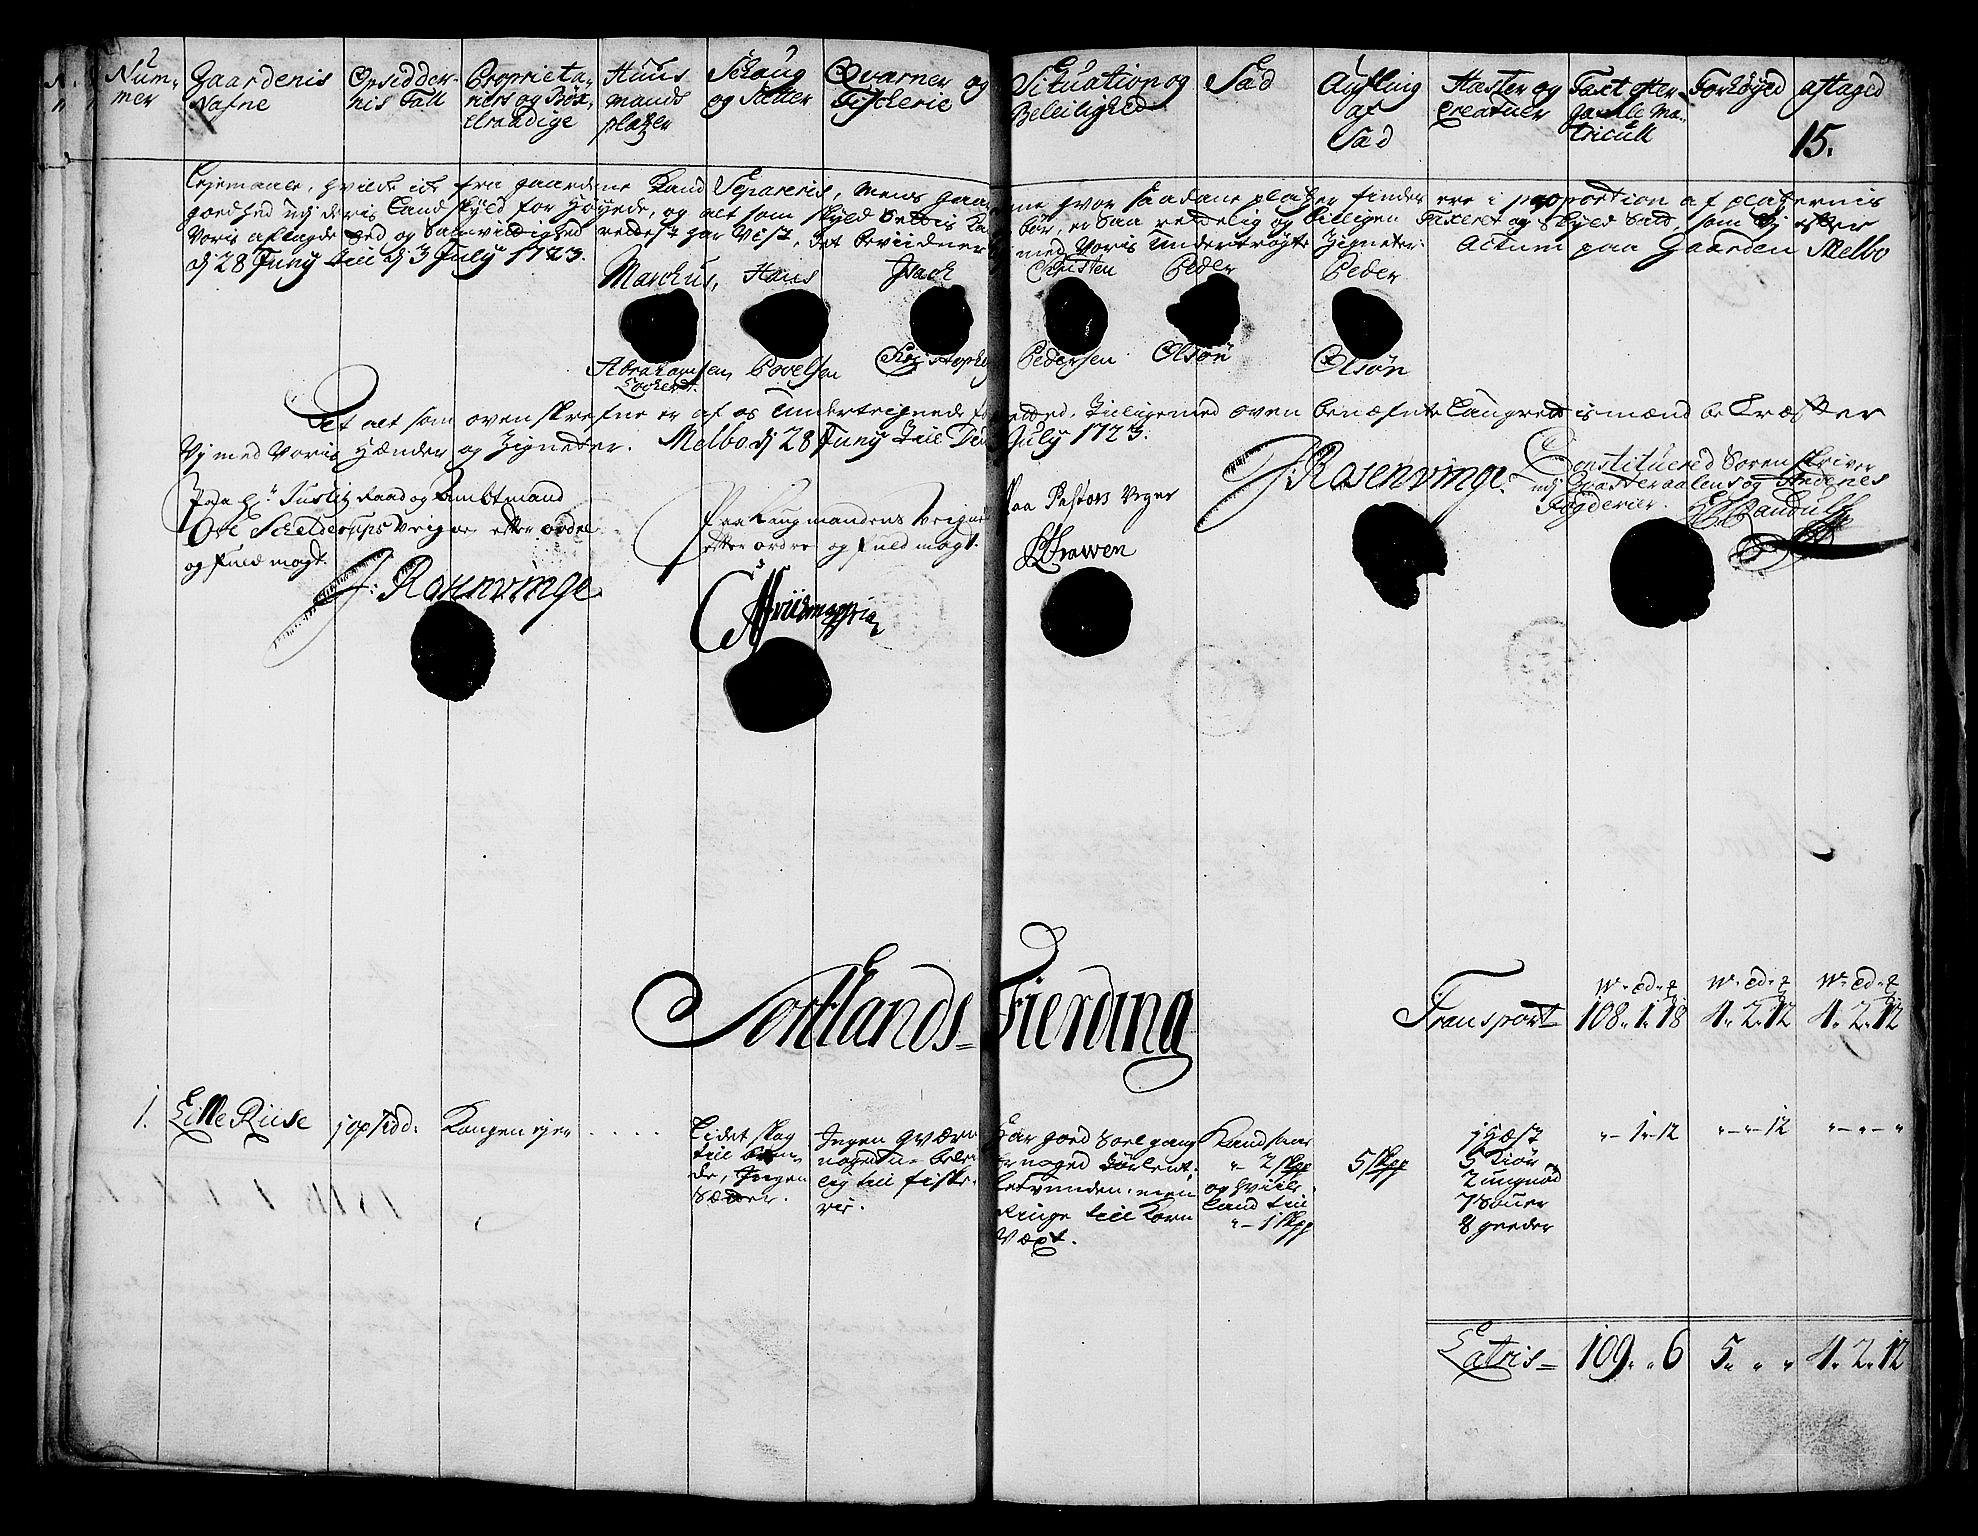 RA, Rentekammeret inntil 1814, Realistisk ordnet avdeling, N/Nb/Nbf/L0176: Vesterålen og Andenes eksaminasjonsprotokoll, 1723, s. 14b-15a